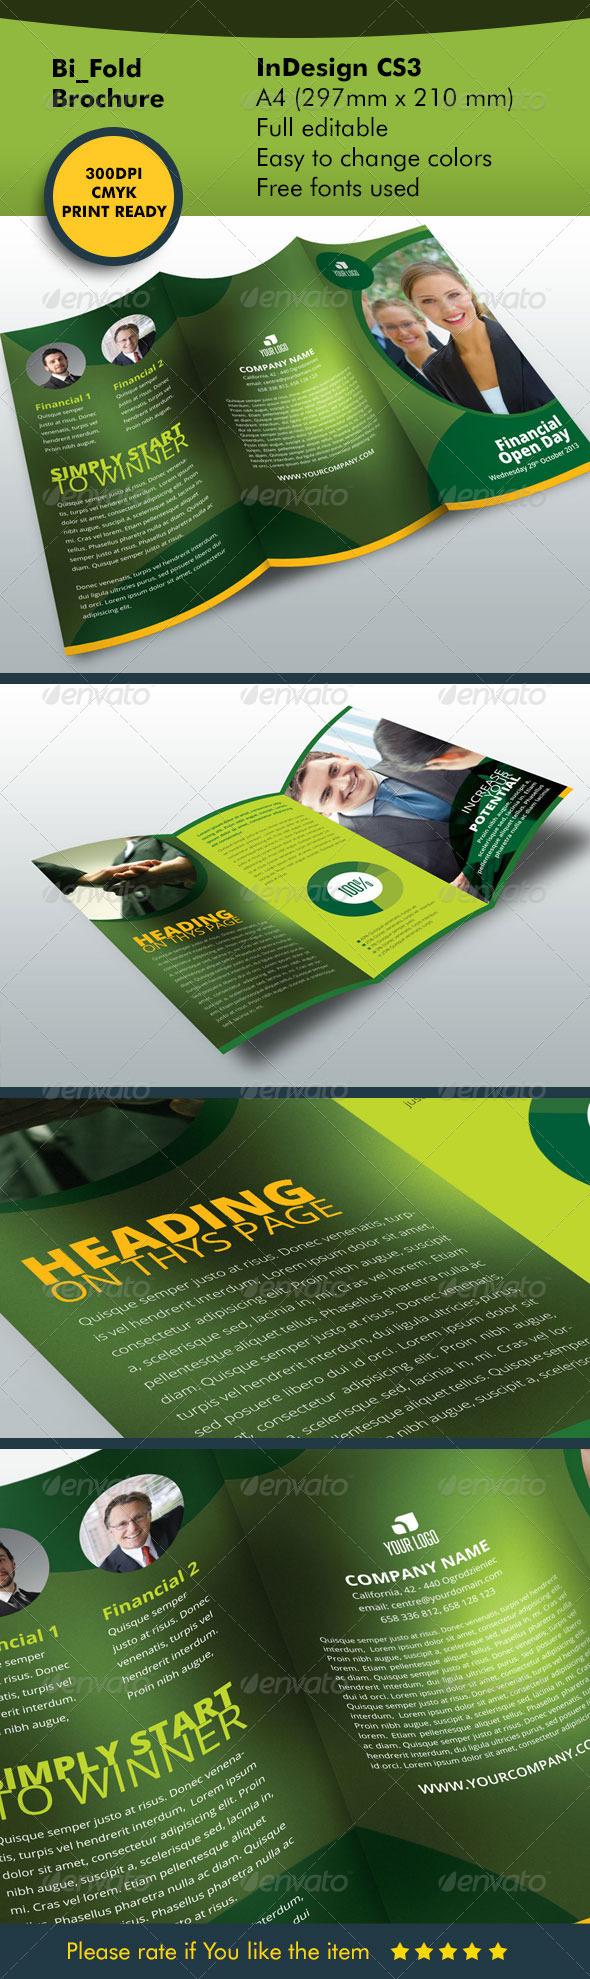 GraphicRiver Tri-fold Brochure Corporate 5611671